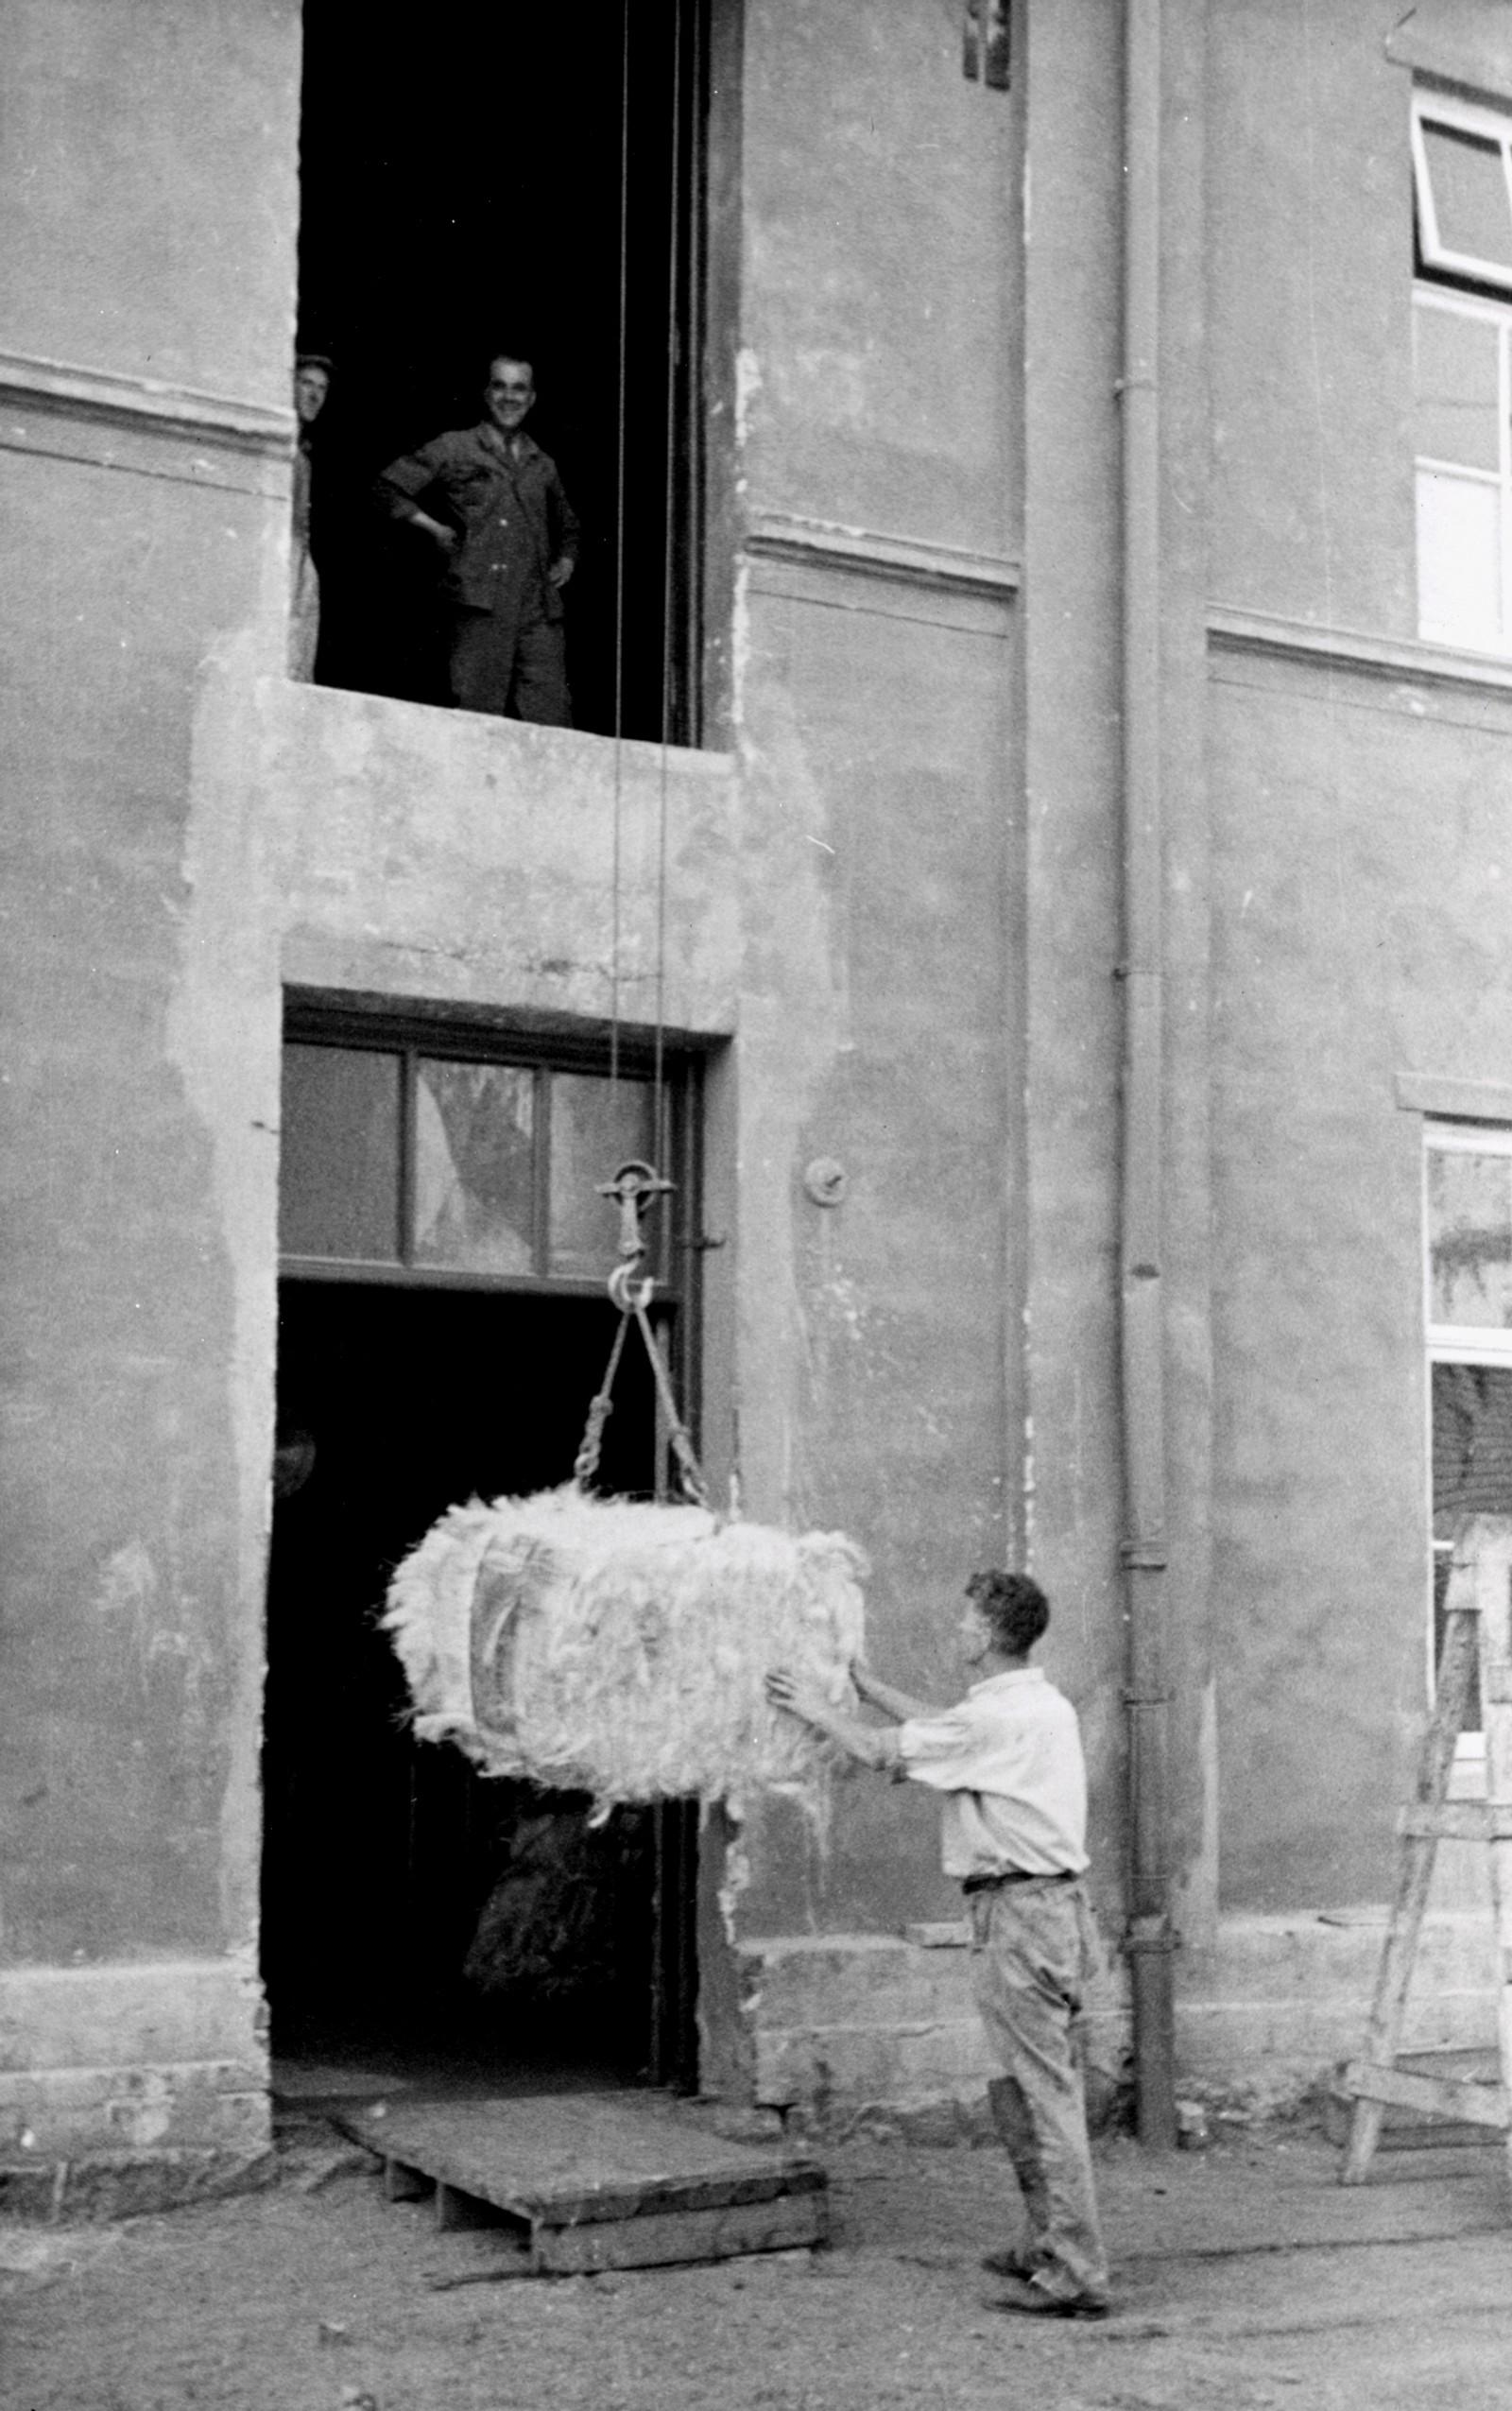 Firing av hampbunt. 1947.